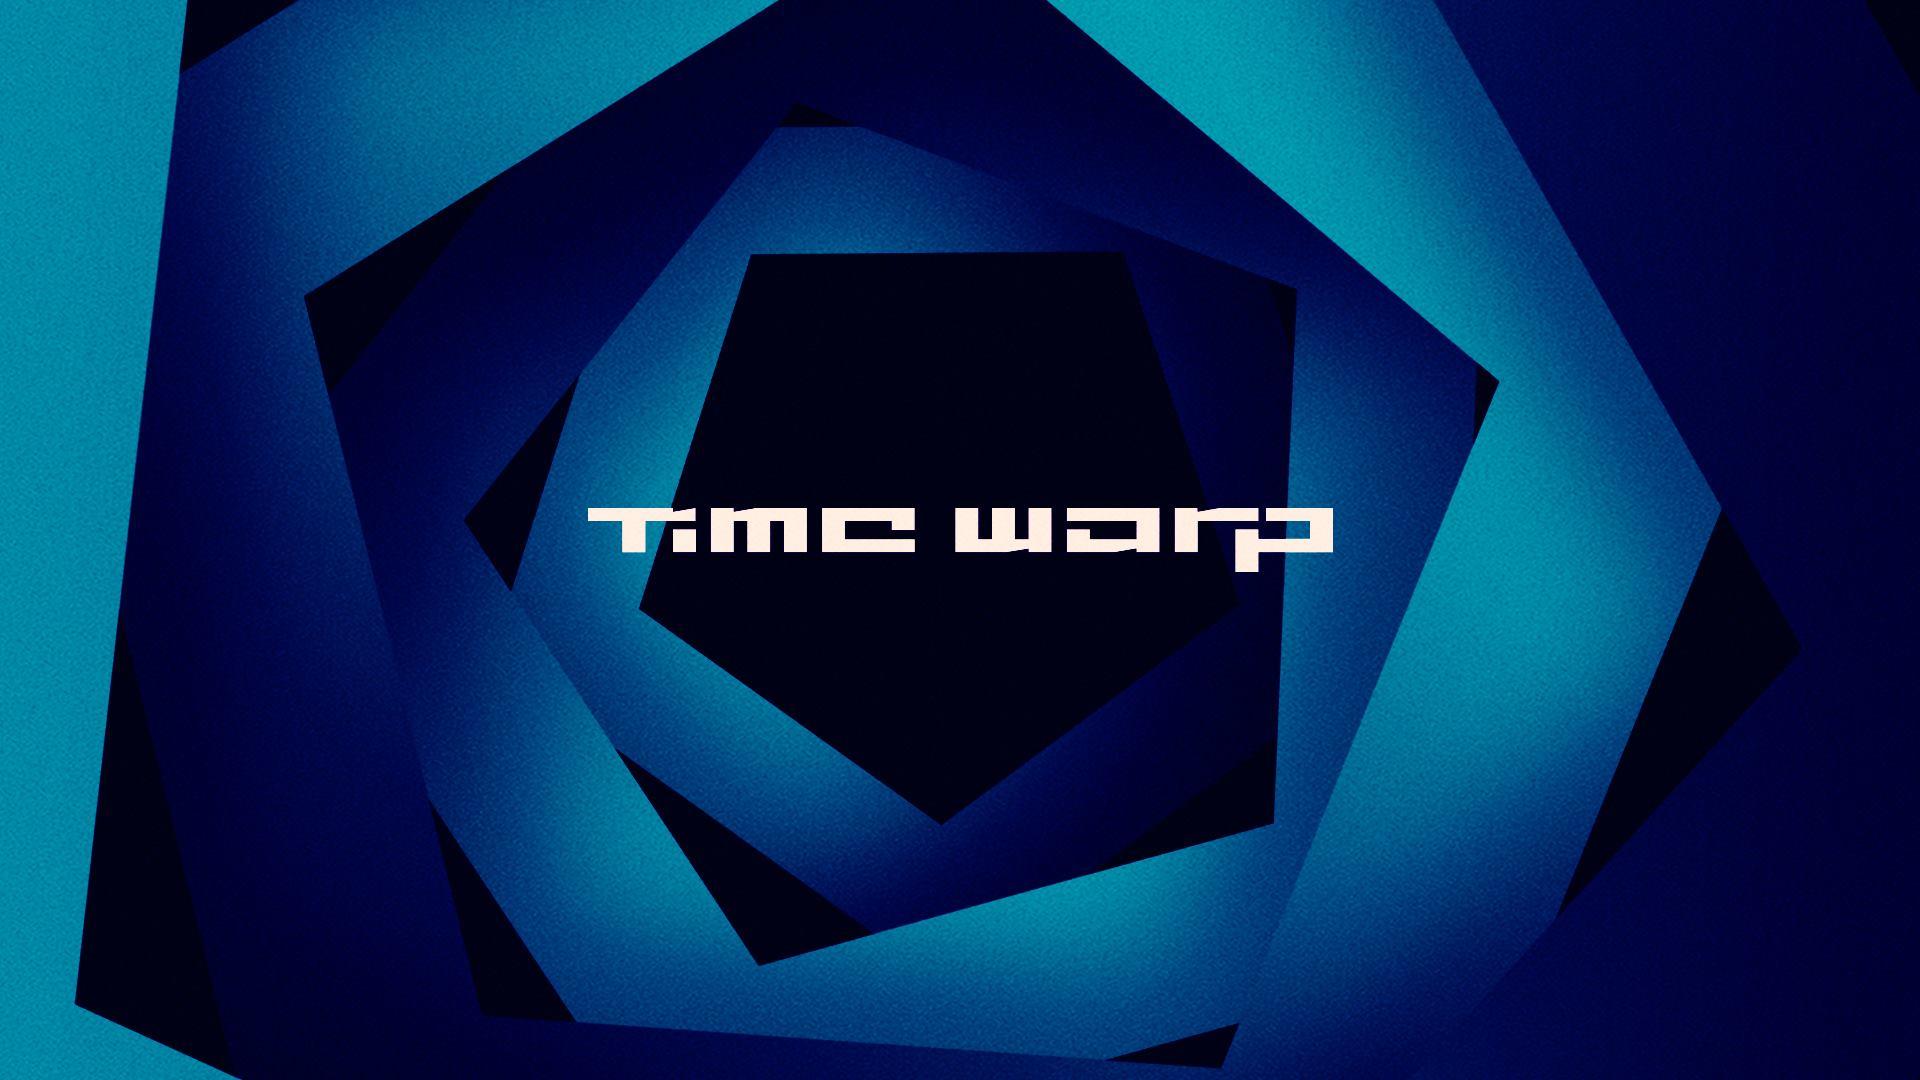 Découvrez La Programmation Du Time Warp 2018 Clubxtremnet